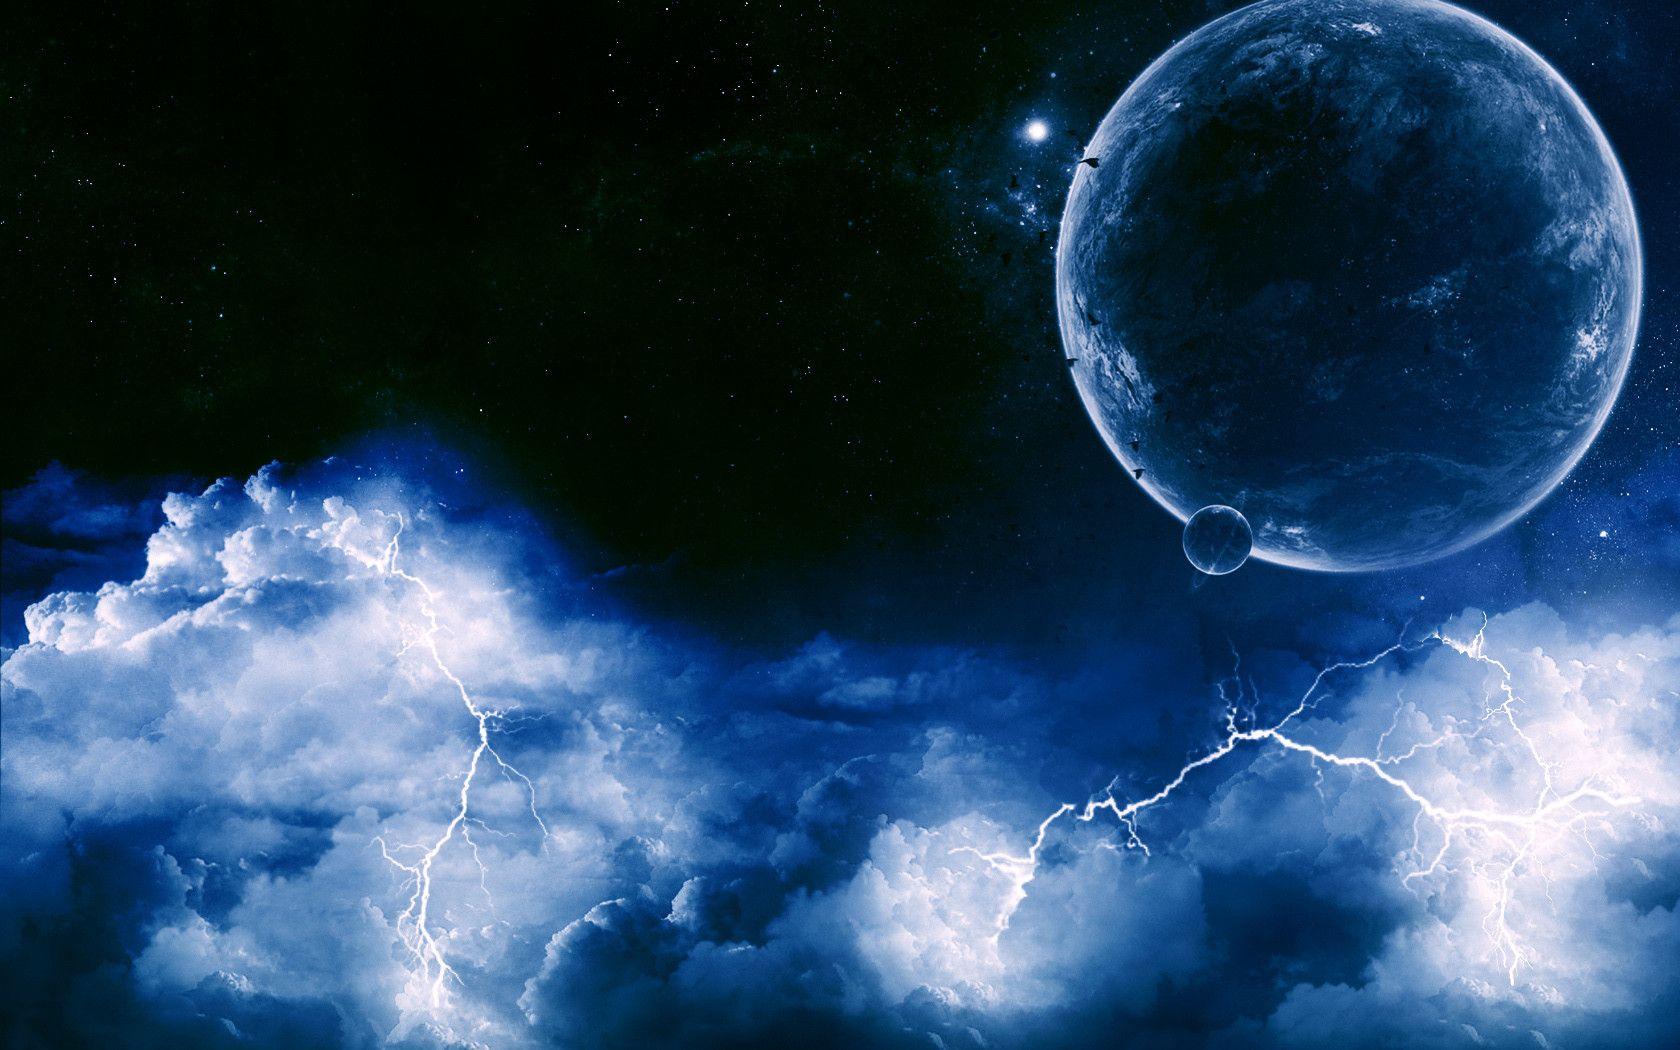 Lightning Storm HD Desktop Wallpaper Widescreen High 1680x1050